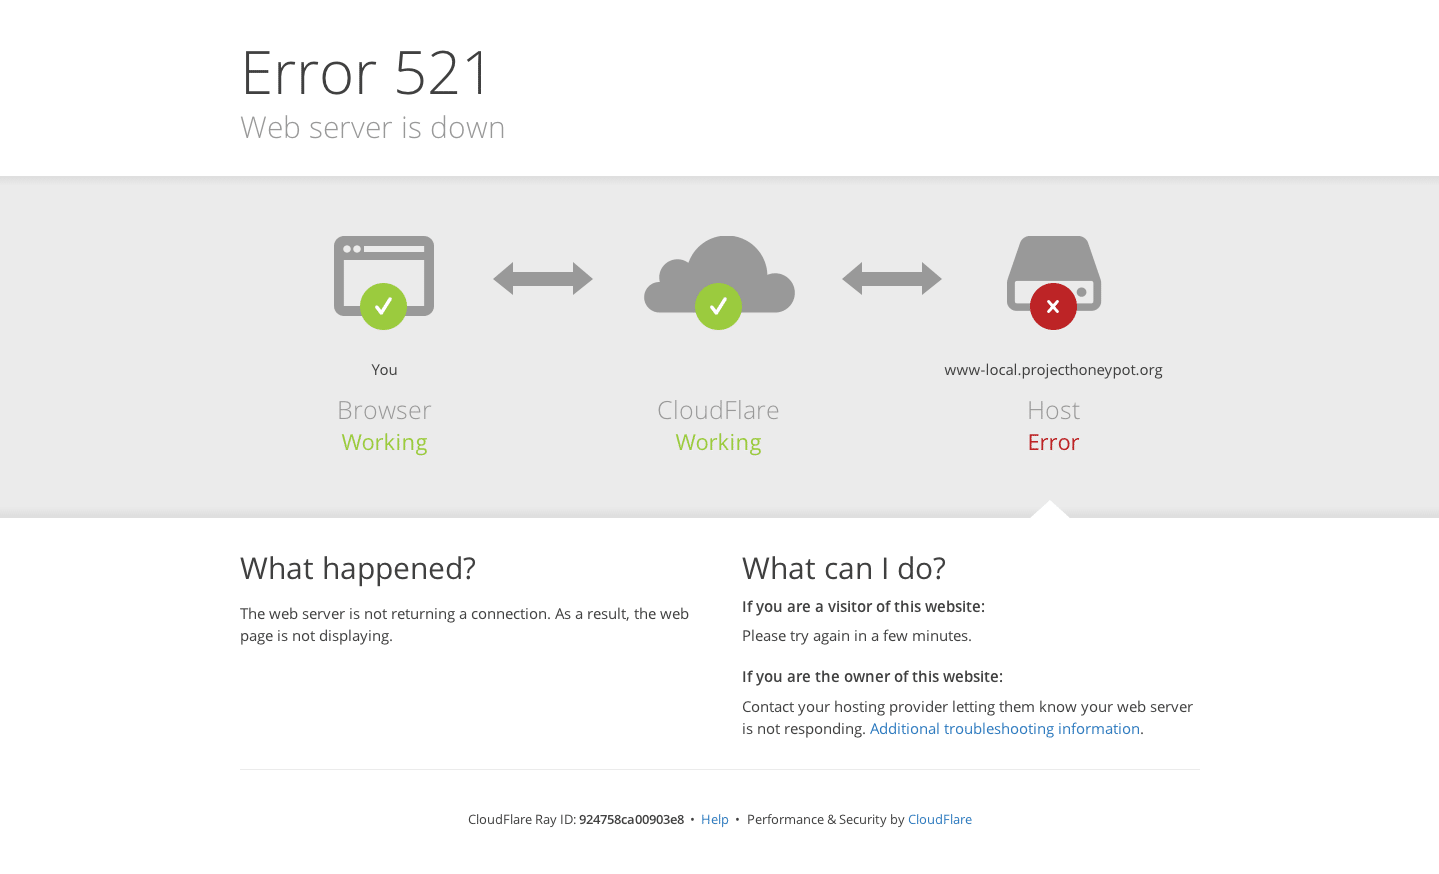 Un esempio del messaggio di errore 521